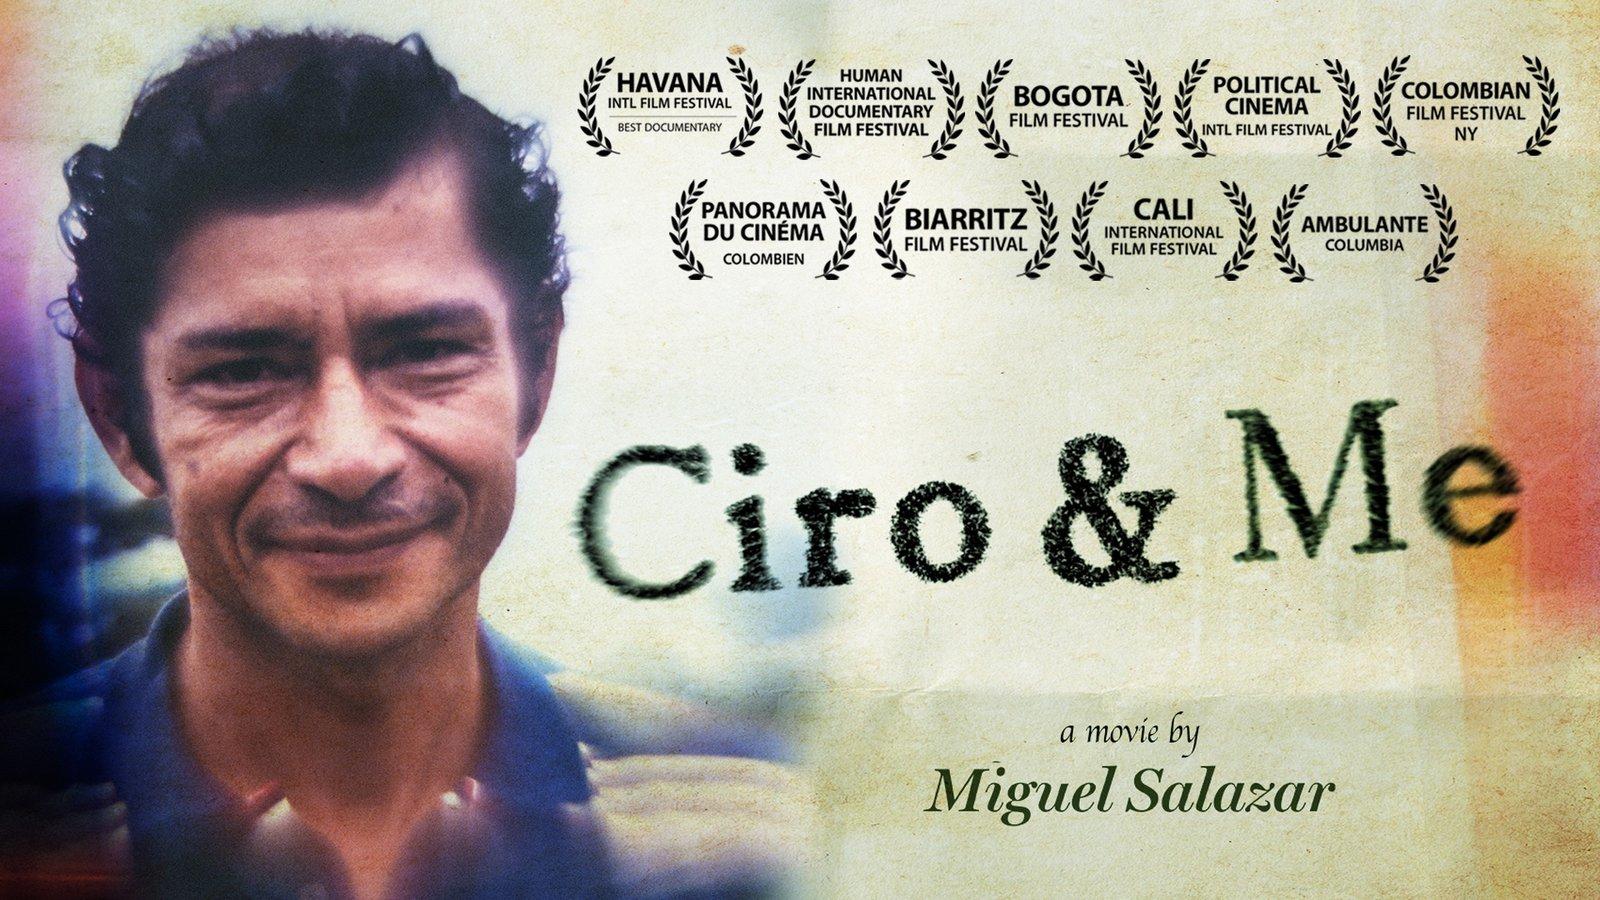 Ciro and Me - Ciro y yo